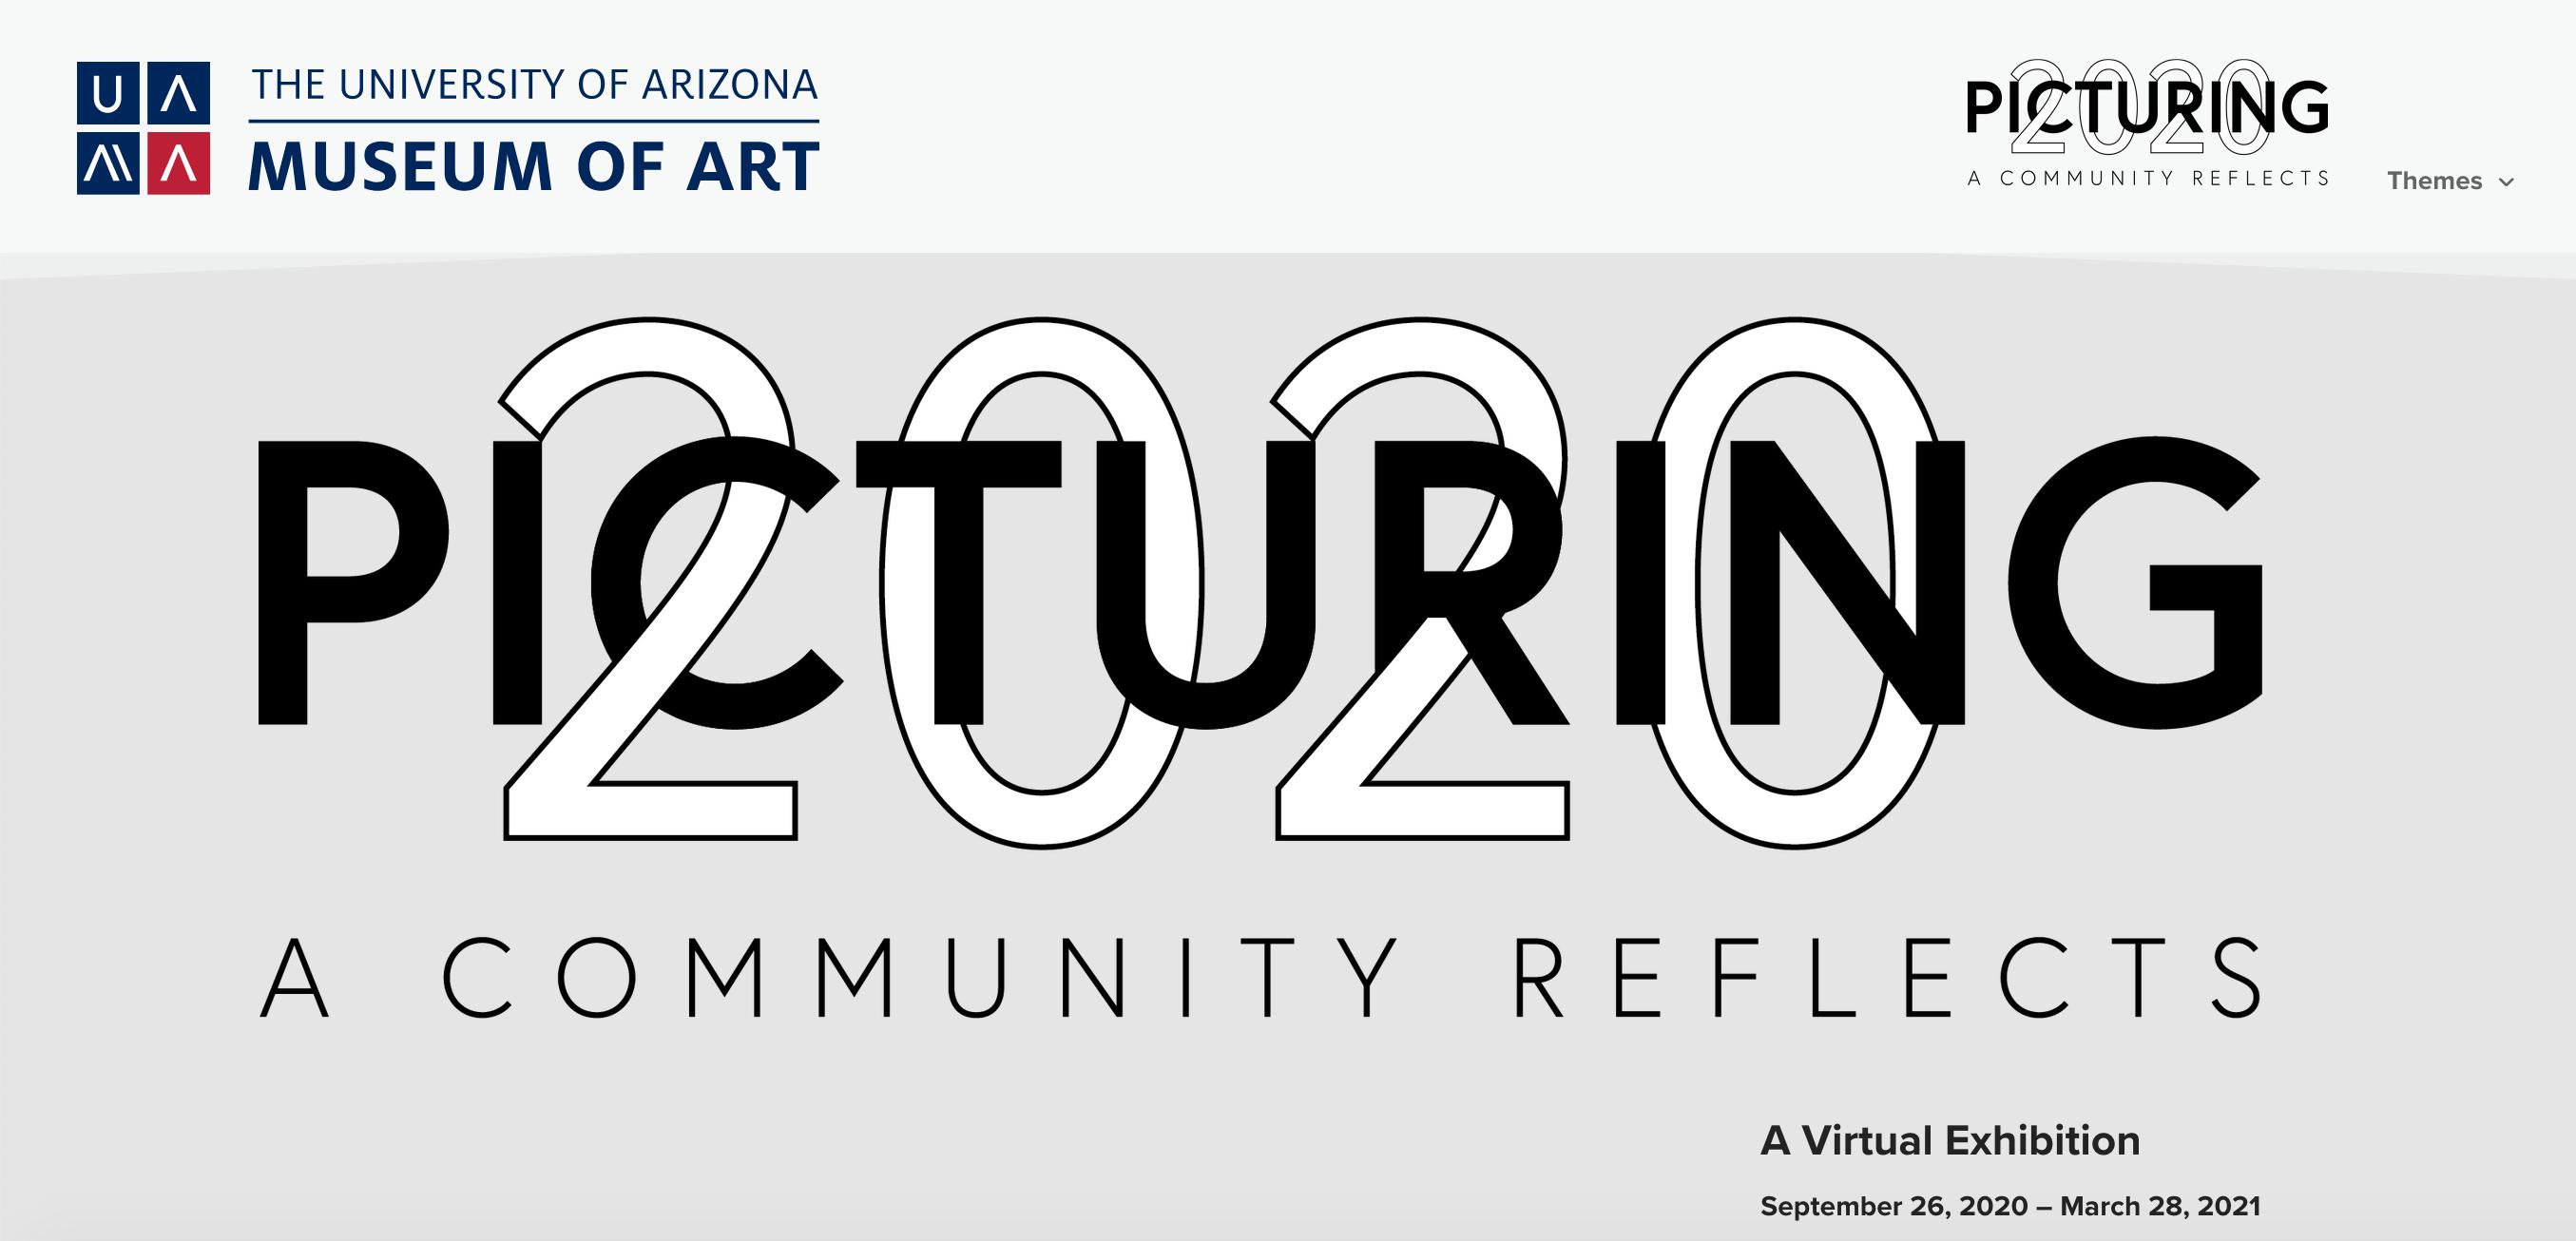 In The News: University of Arizona Museum of Art